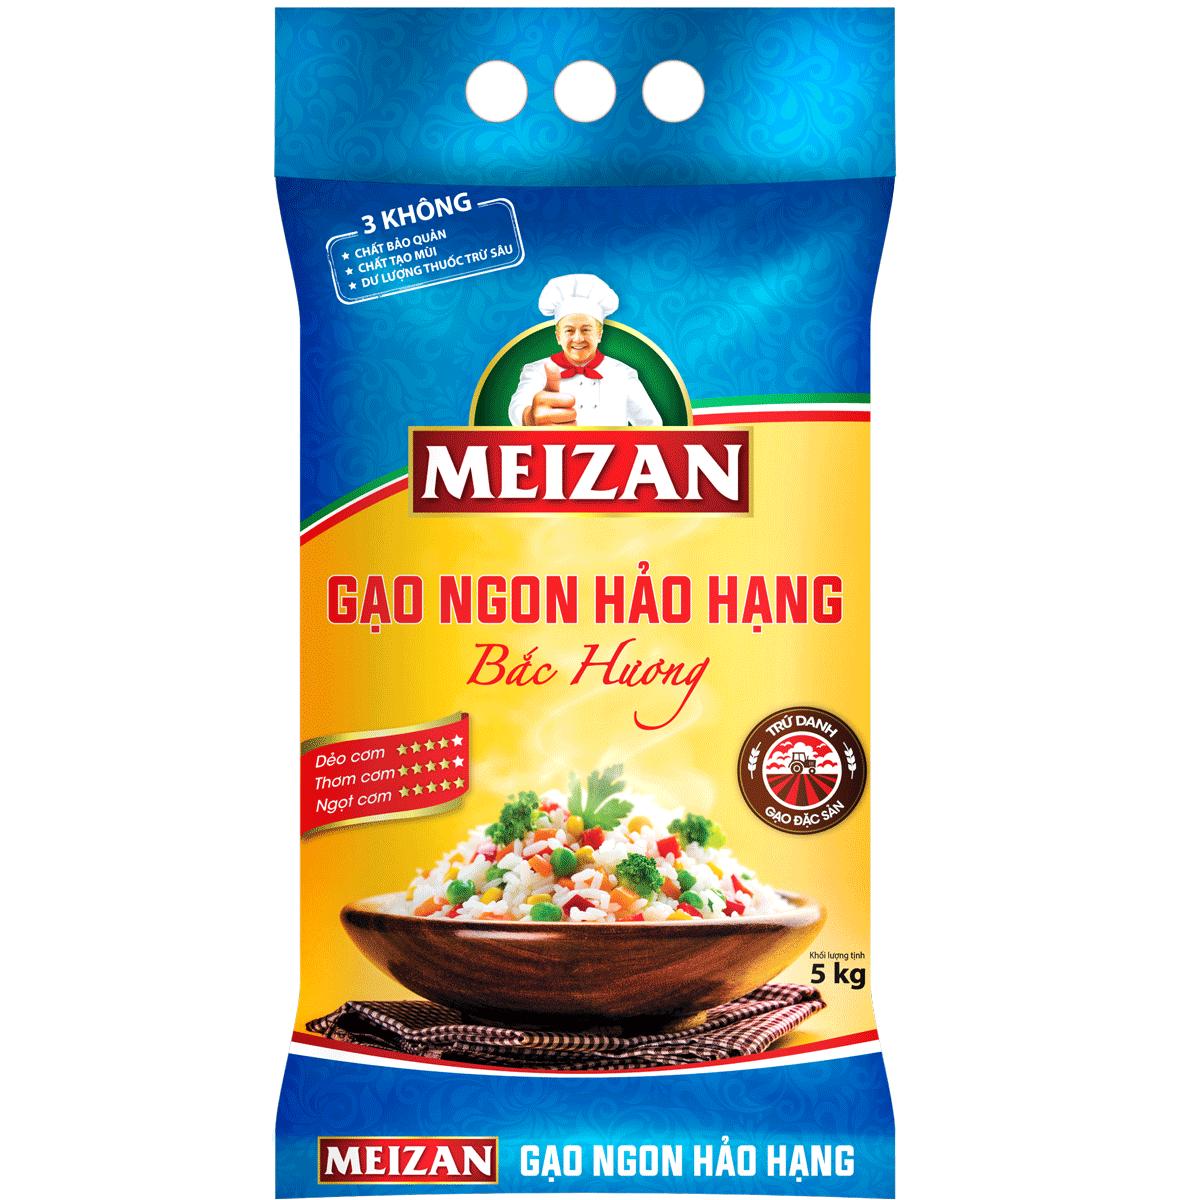 Gạo Ngon Hảo Hạng MEIZAN Bắc Hương